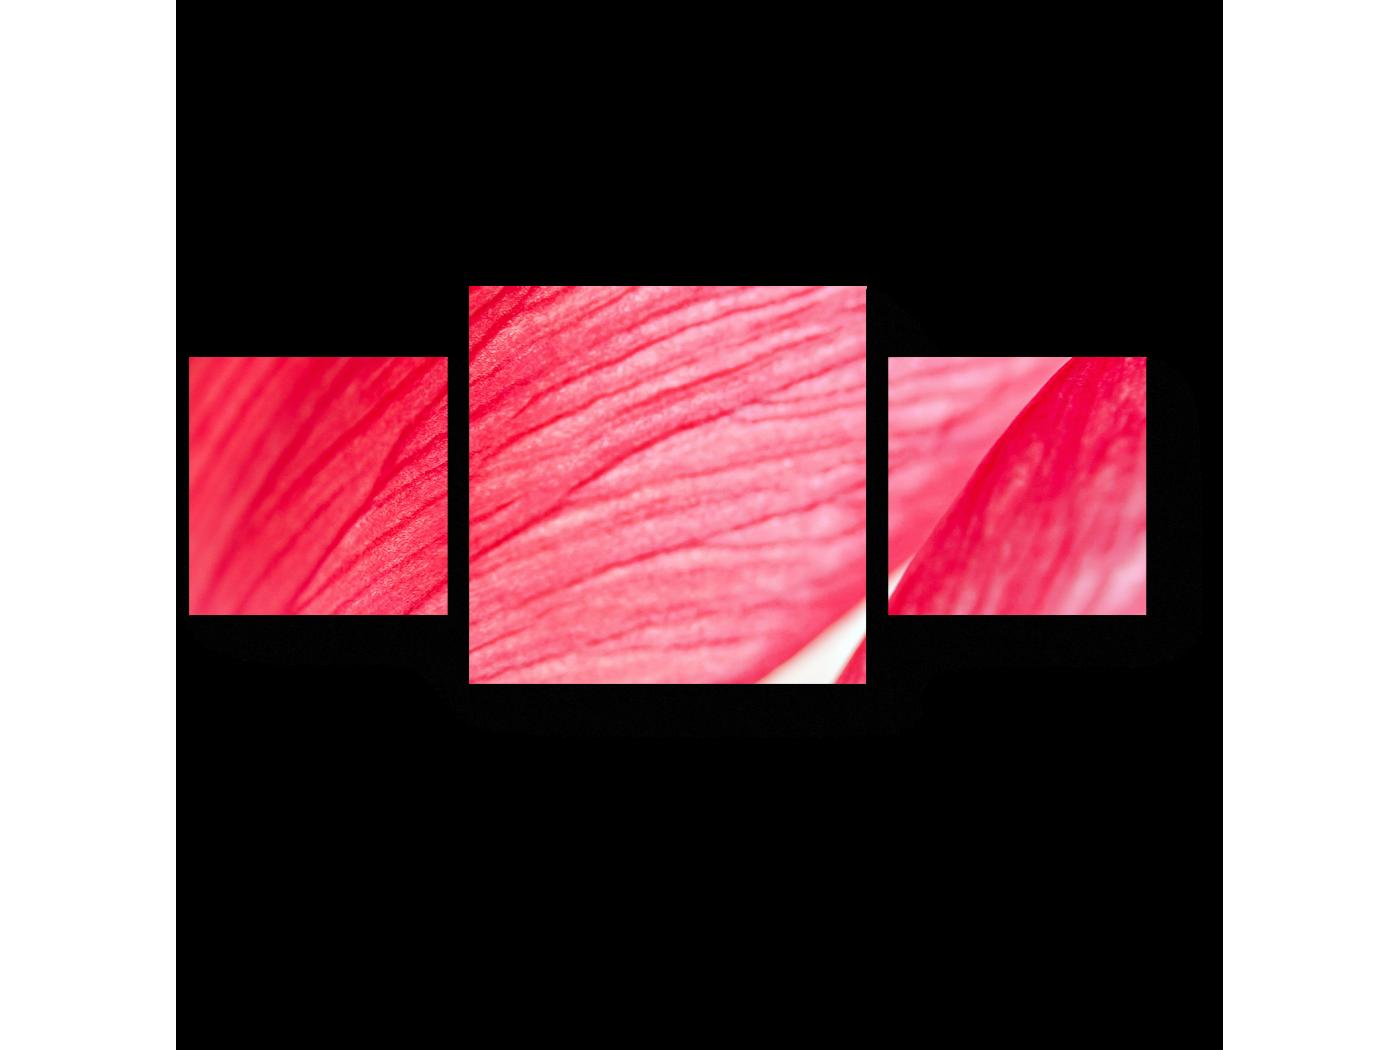 Модульная картина Аромат розы (70x30) фото